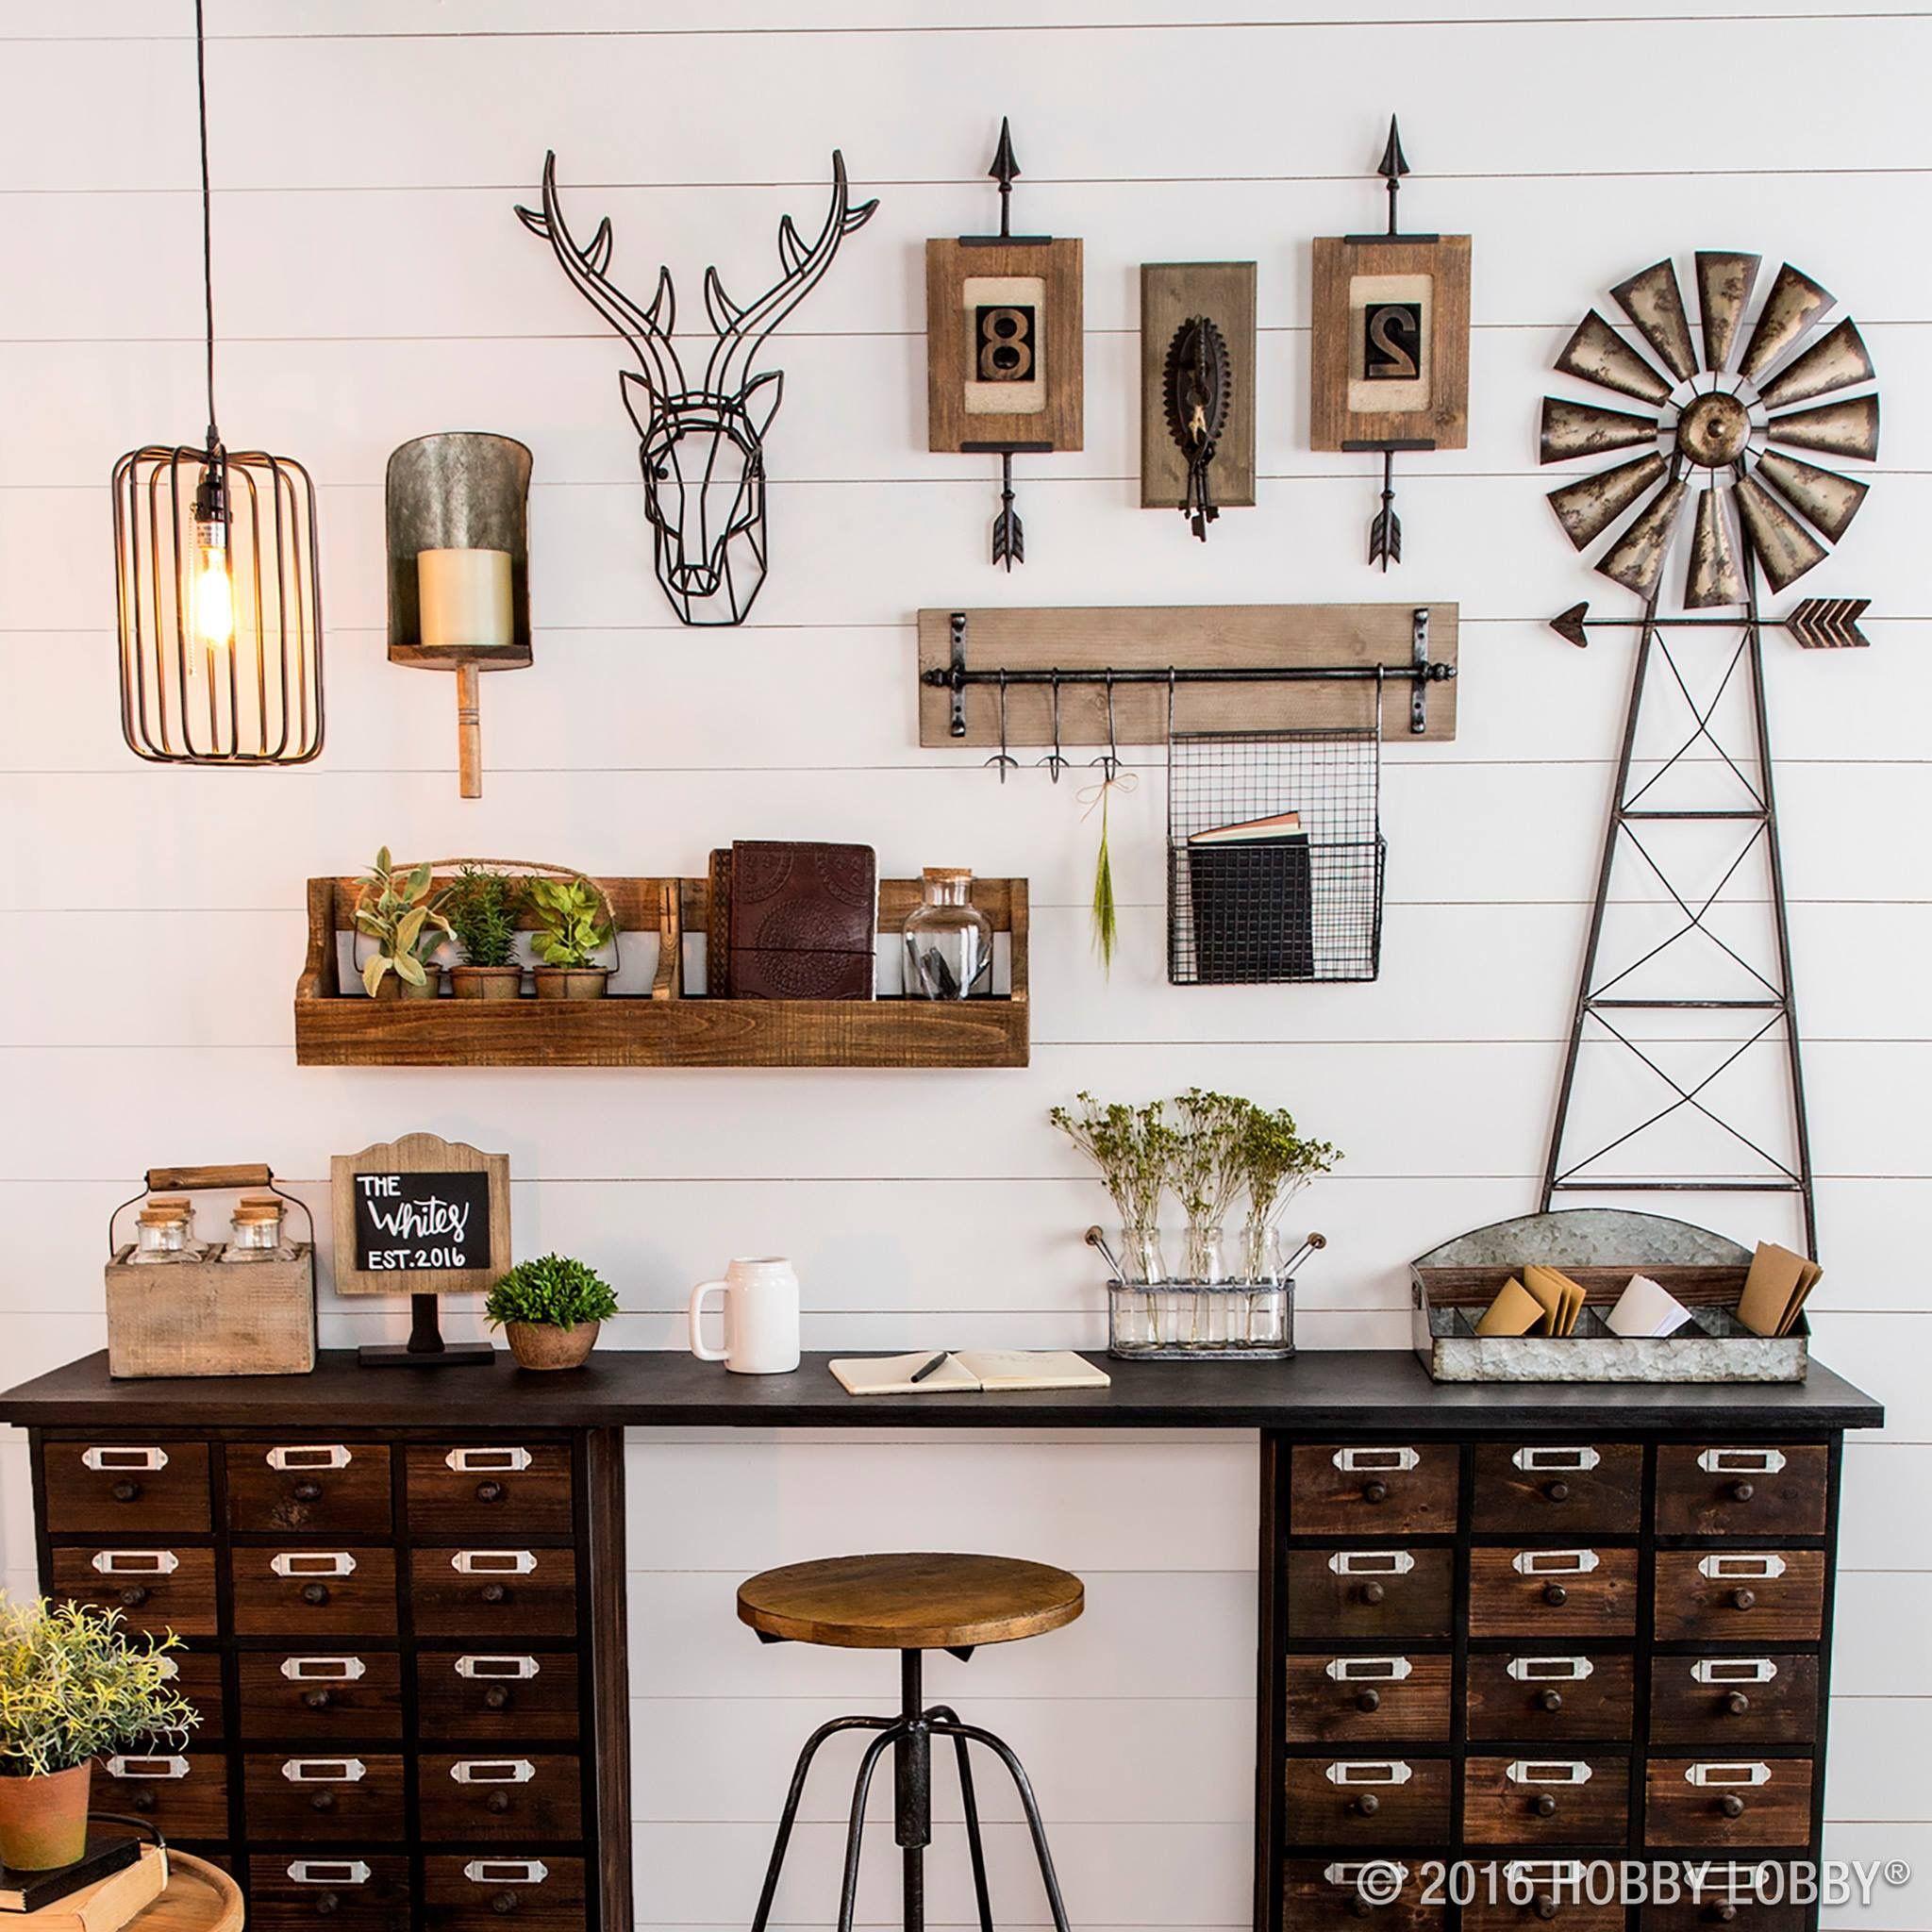 Hobby lobby urban farmhouse! … Urban farmhouse decor